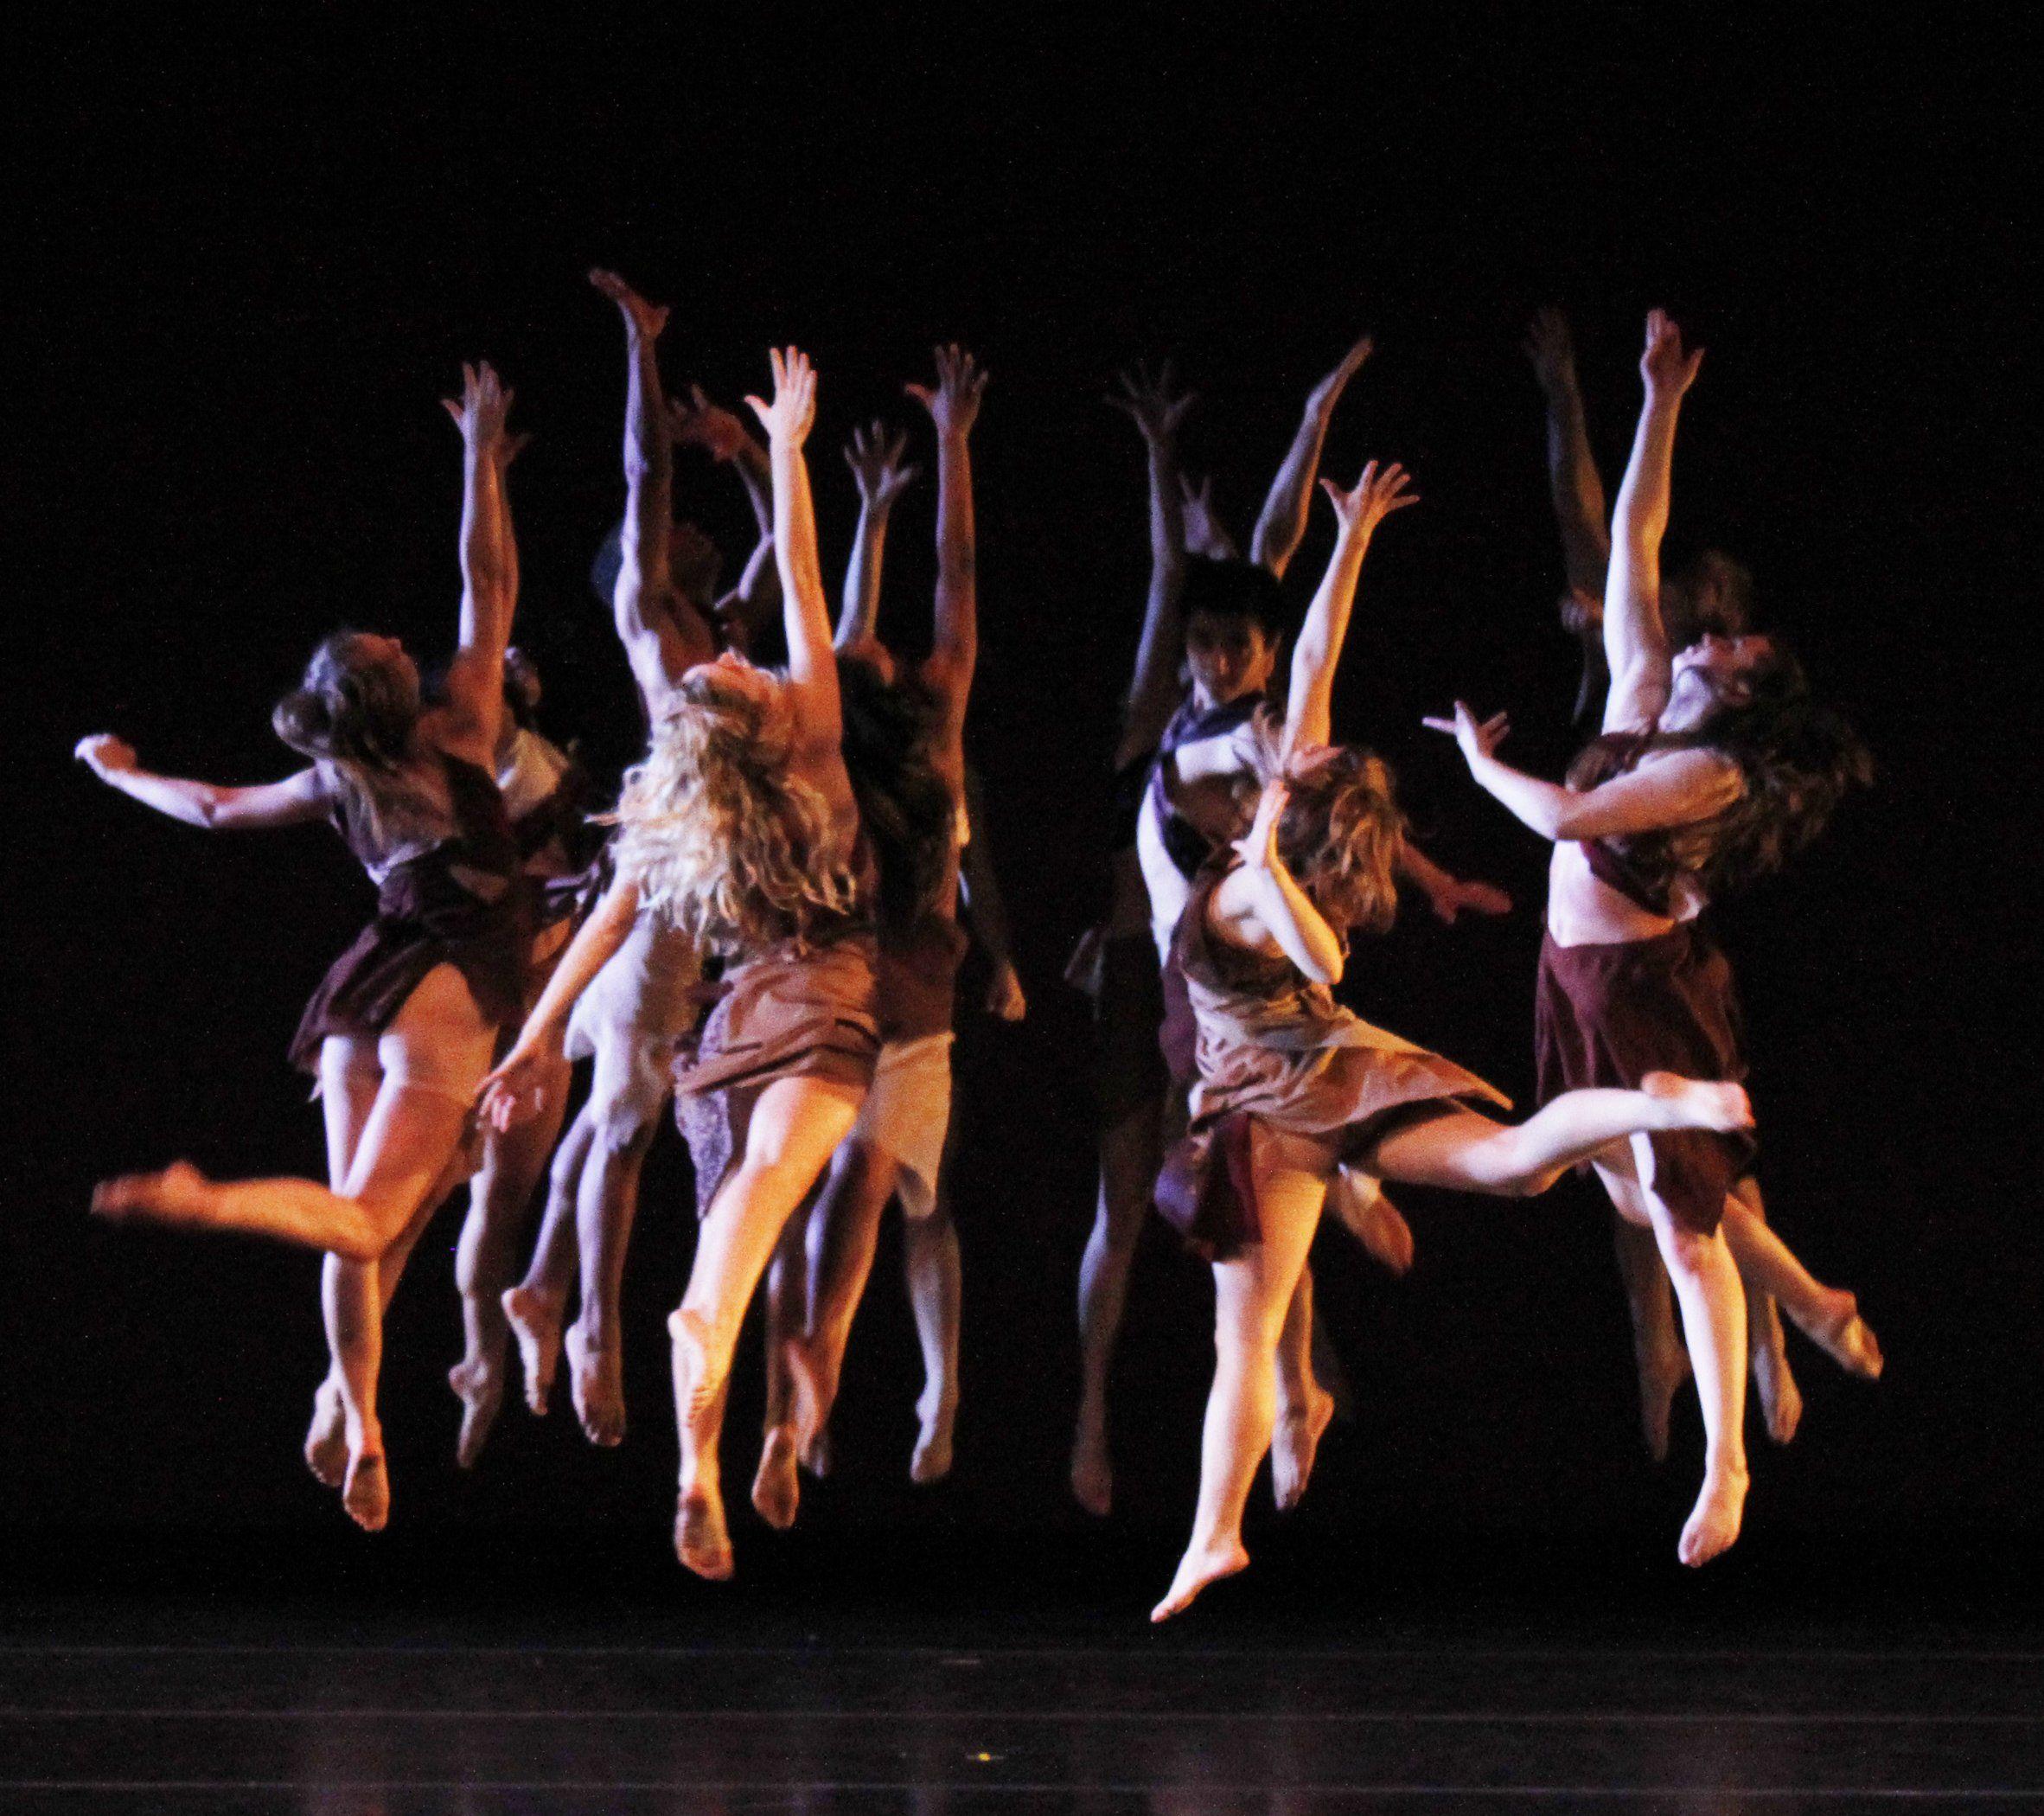 как фотографировать танцующих людей на сцене настоящее время это